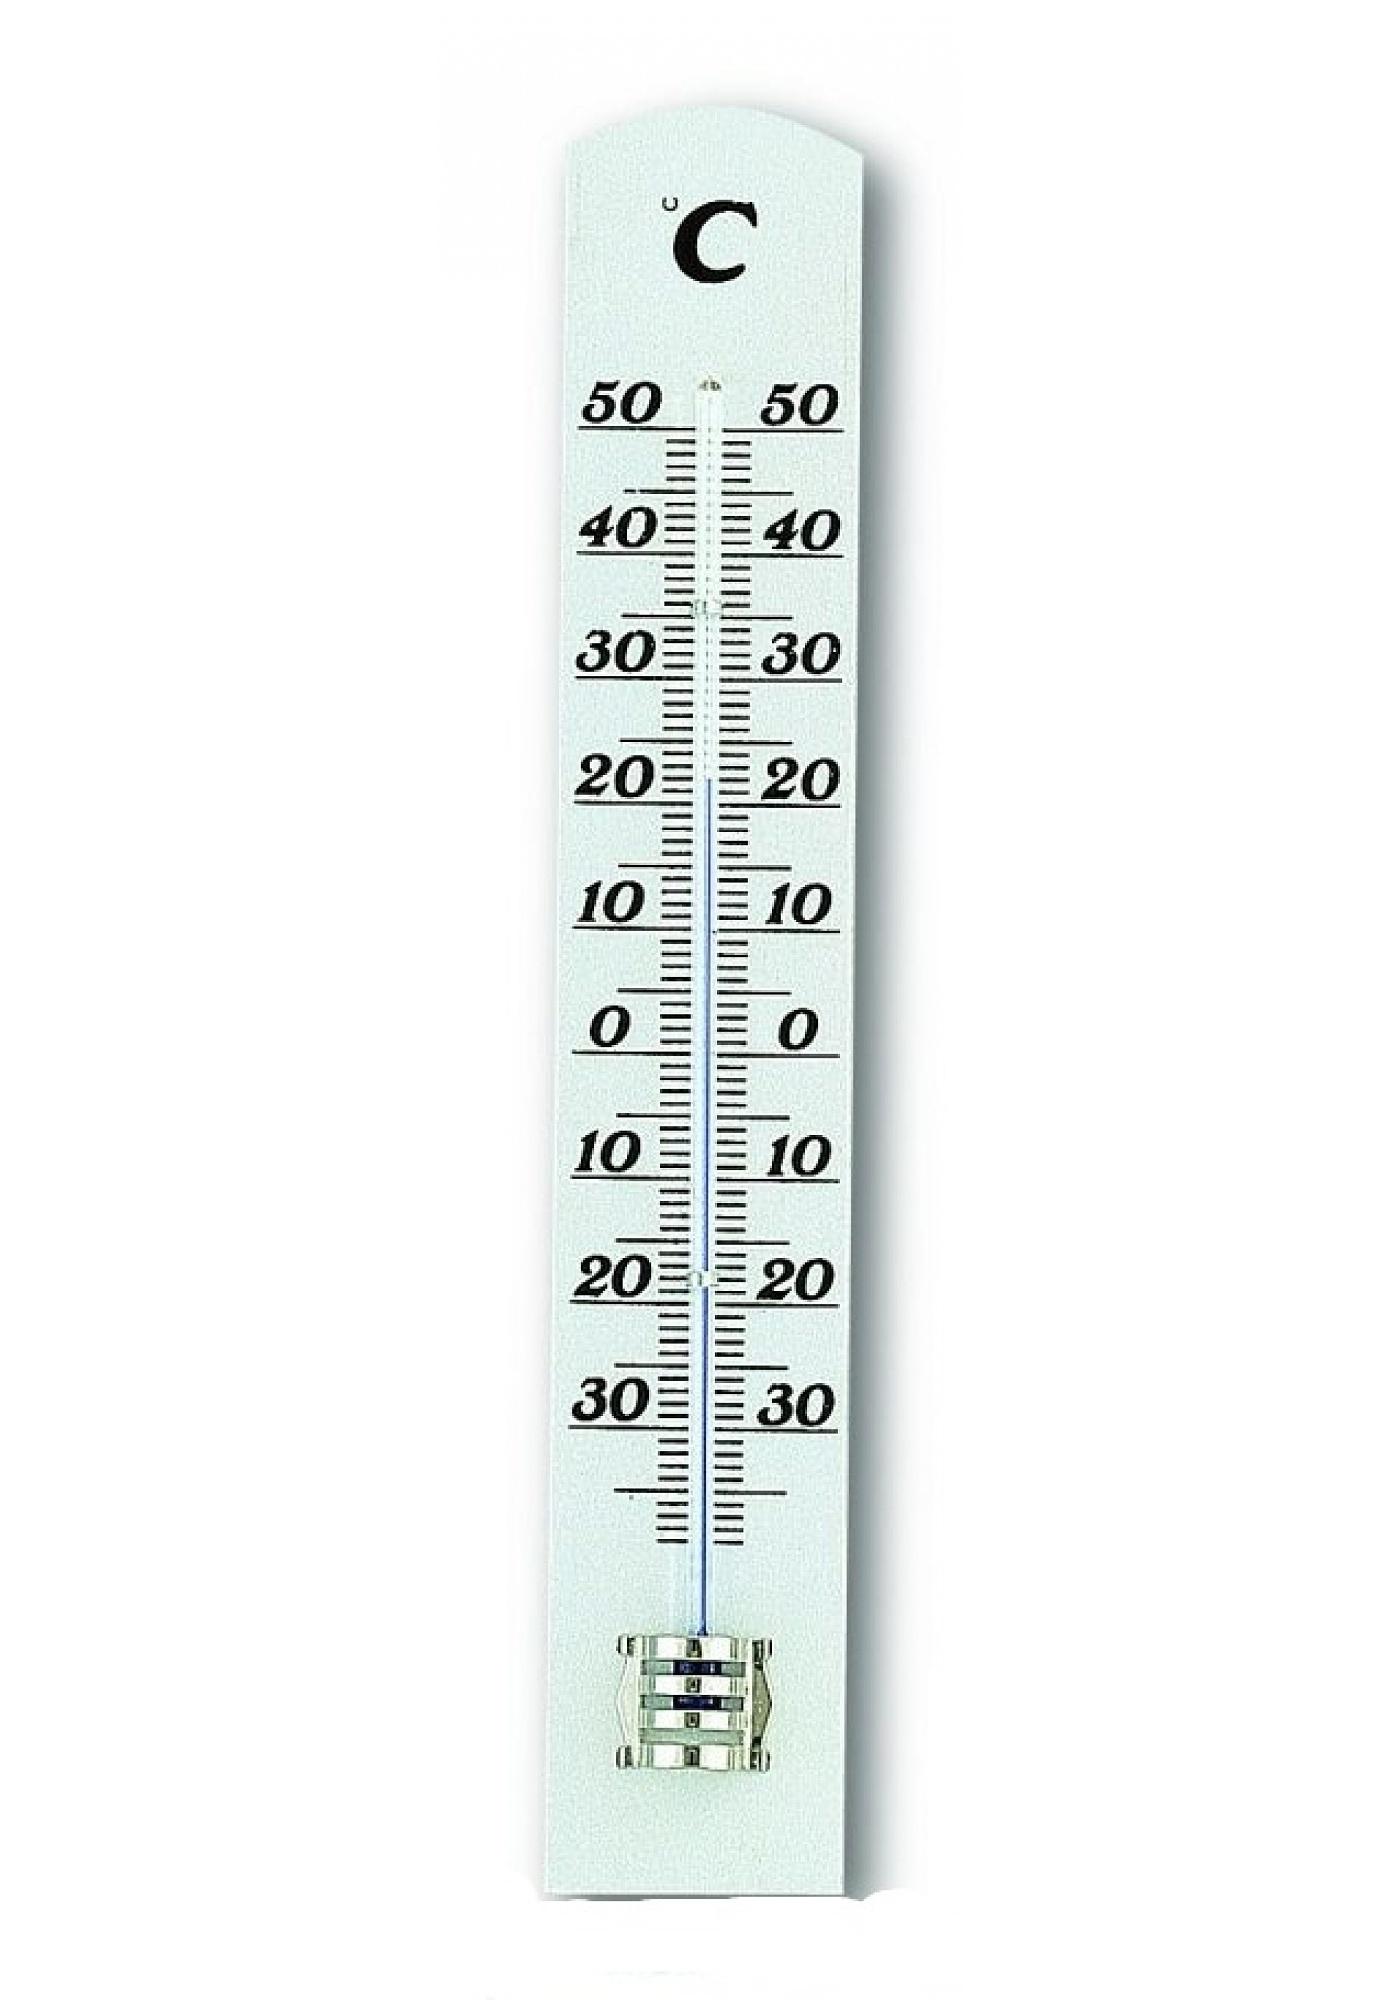 TFA Dostmann Dřevěný kapalinový teploměr TFA 12.1003.09 - bílý